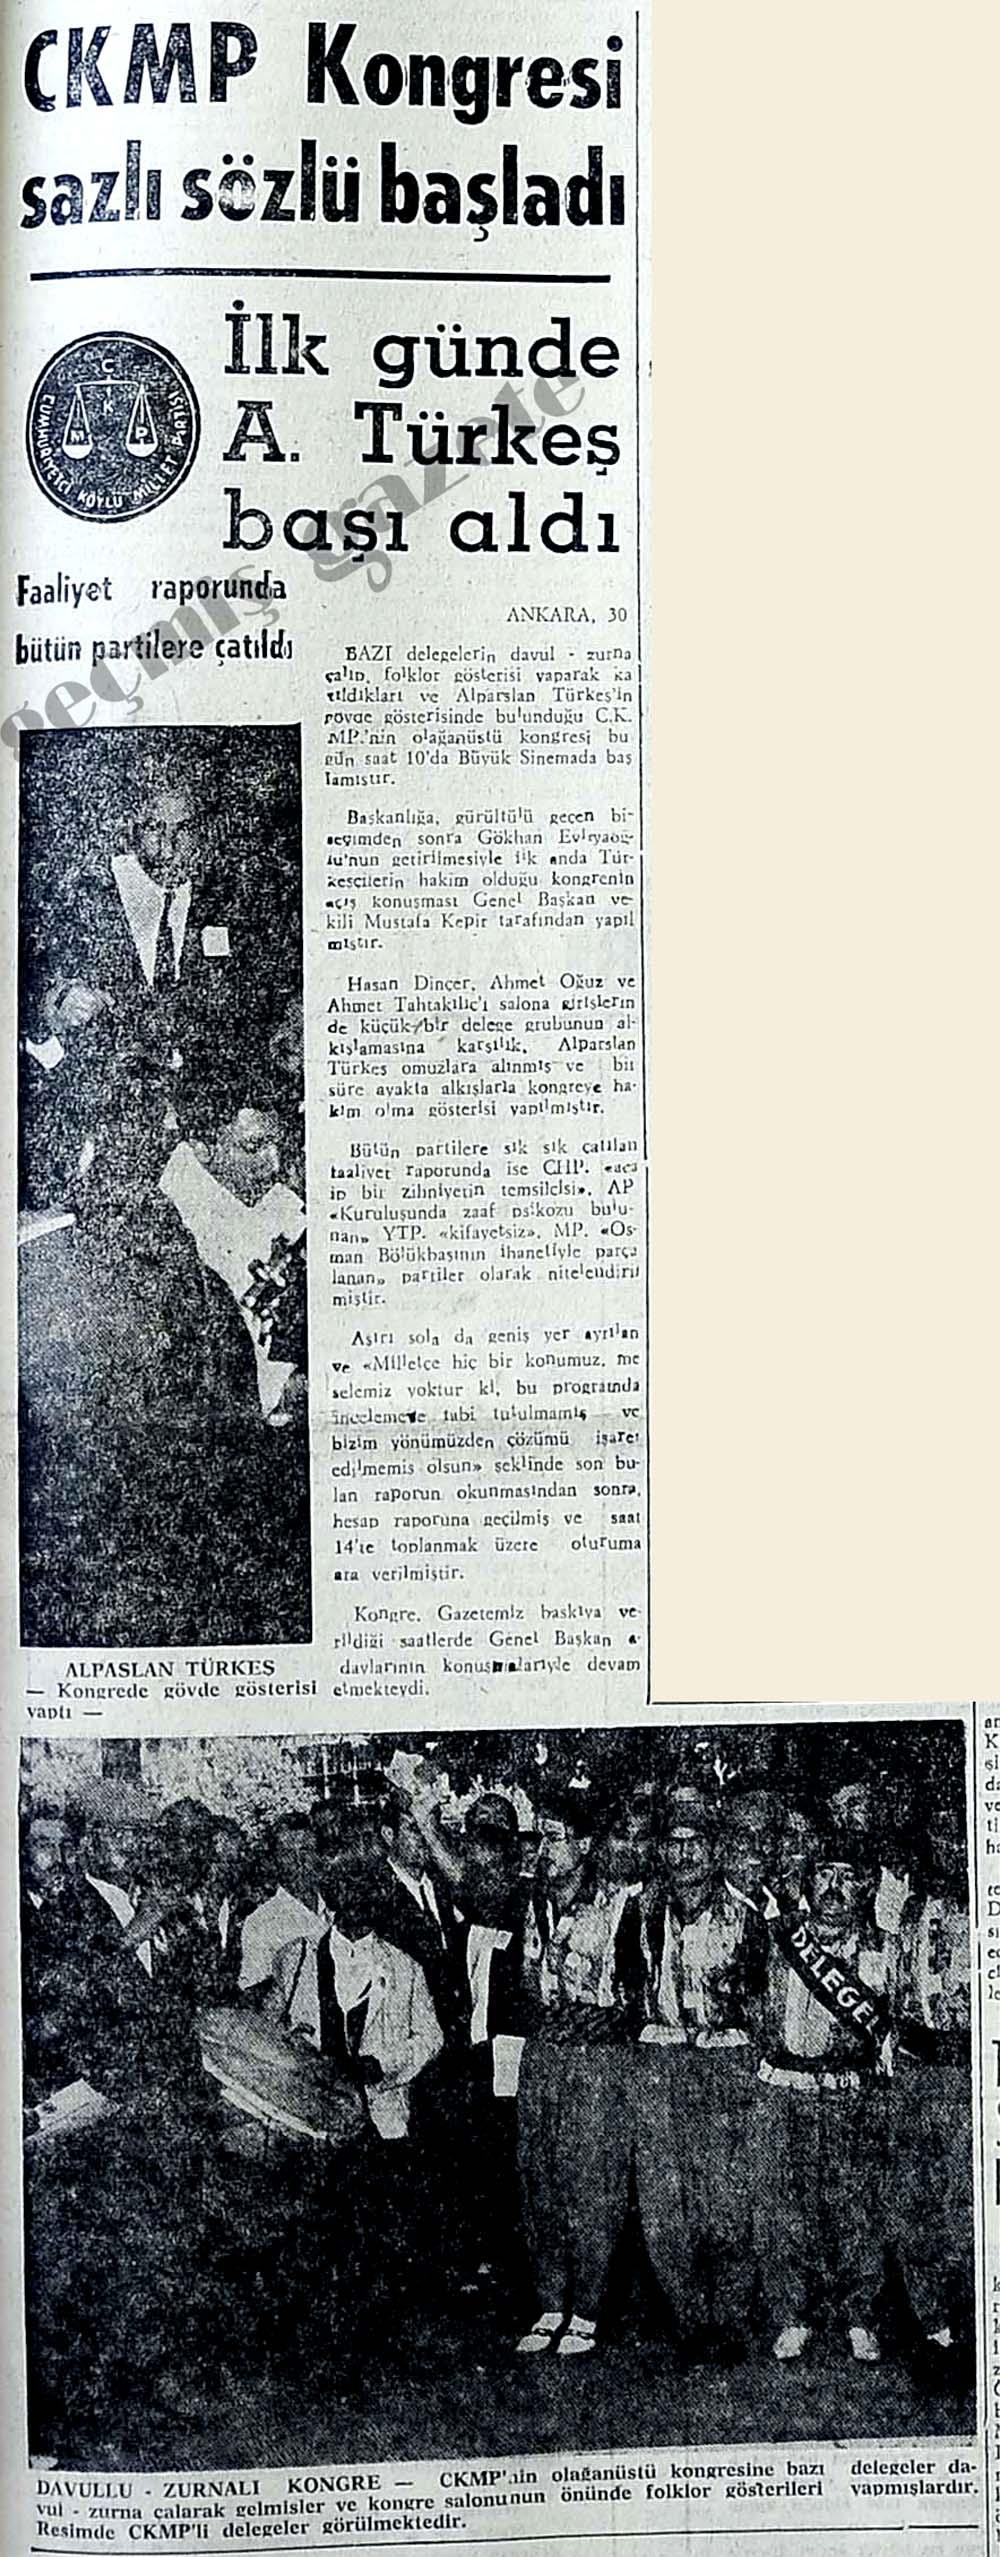 CKMP Kongresi sazlı sözlü başladı ilk günde A.Türkeş başı aldı